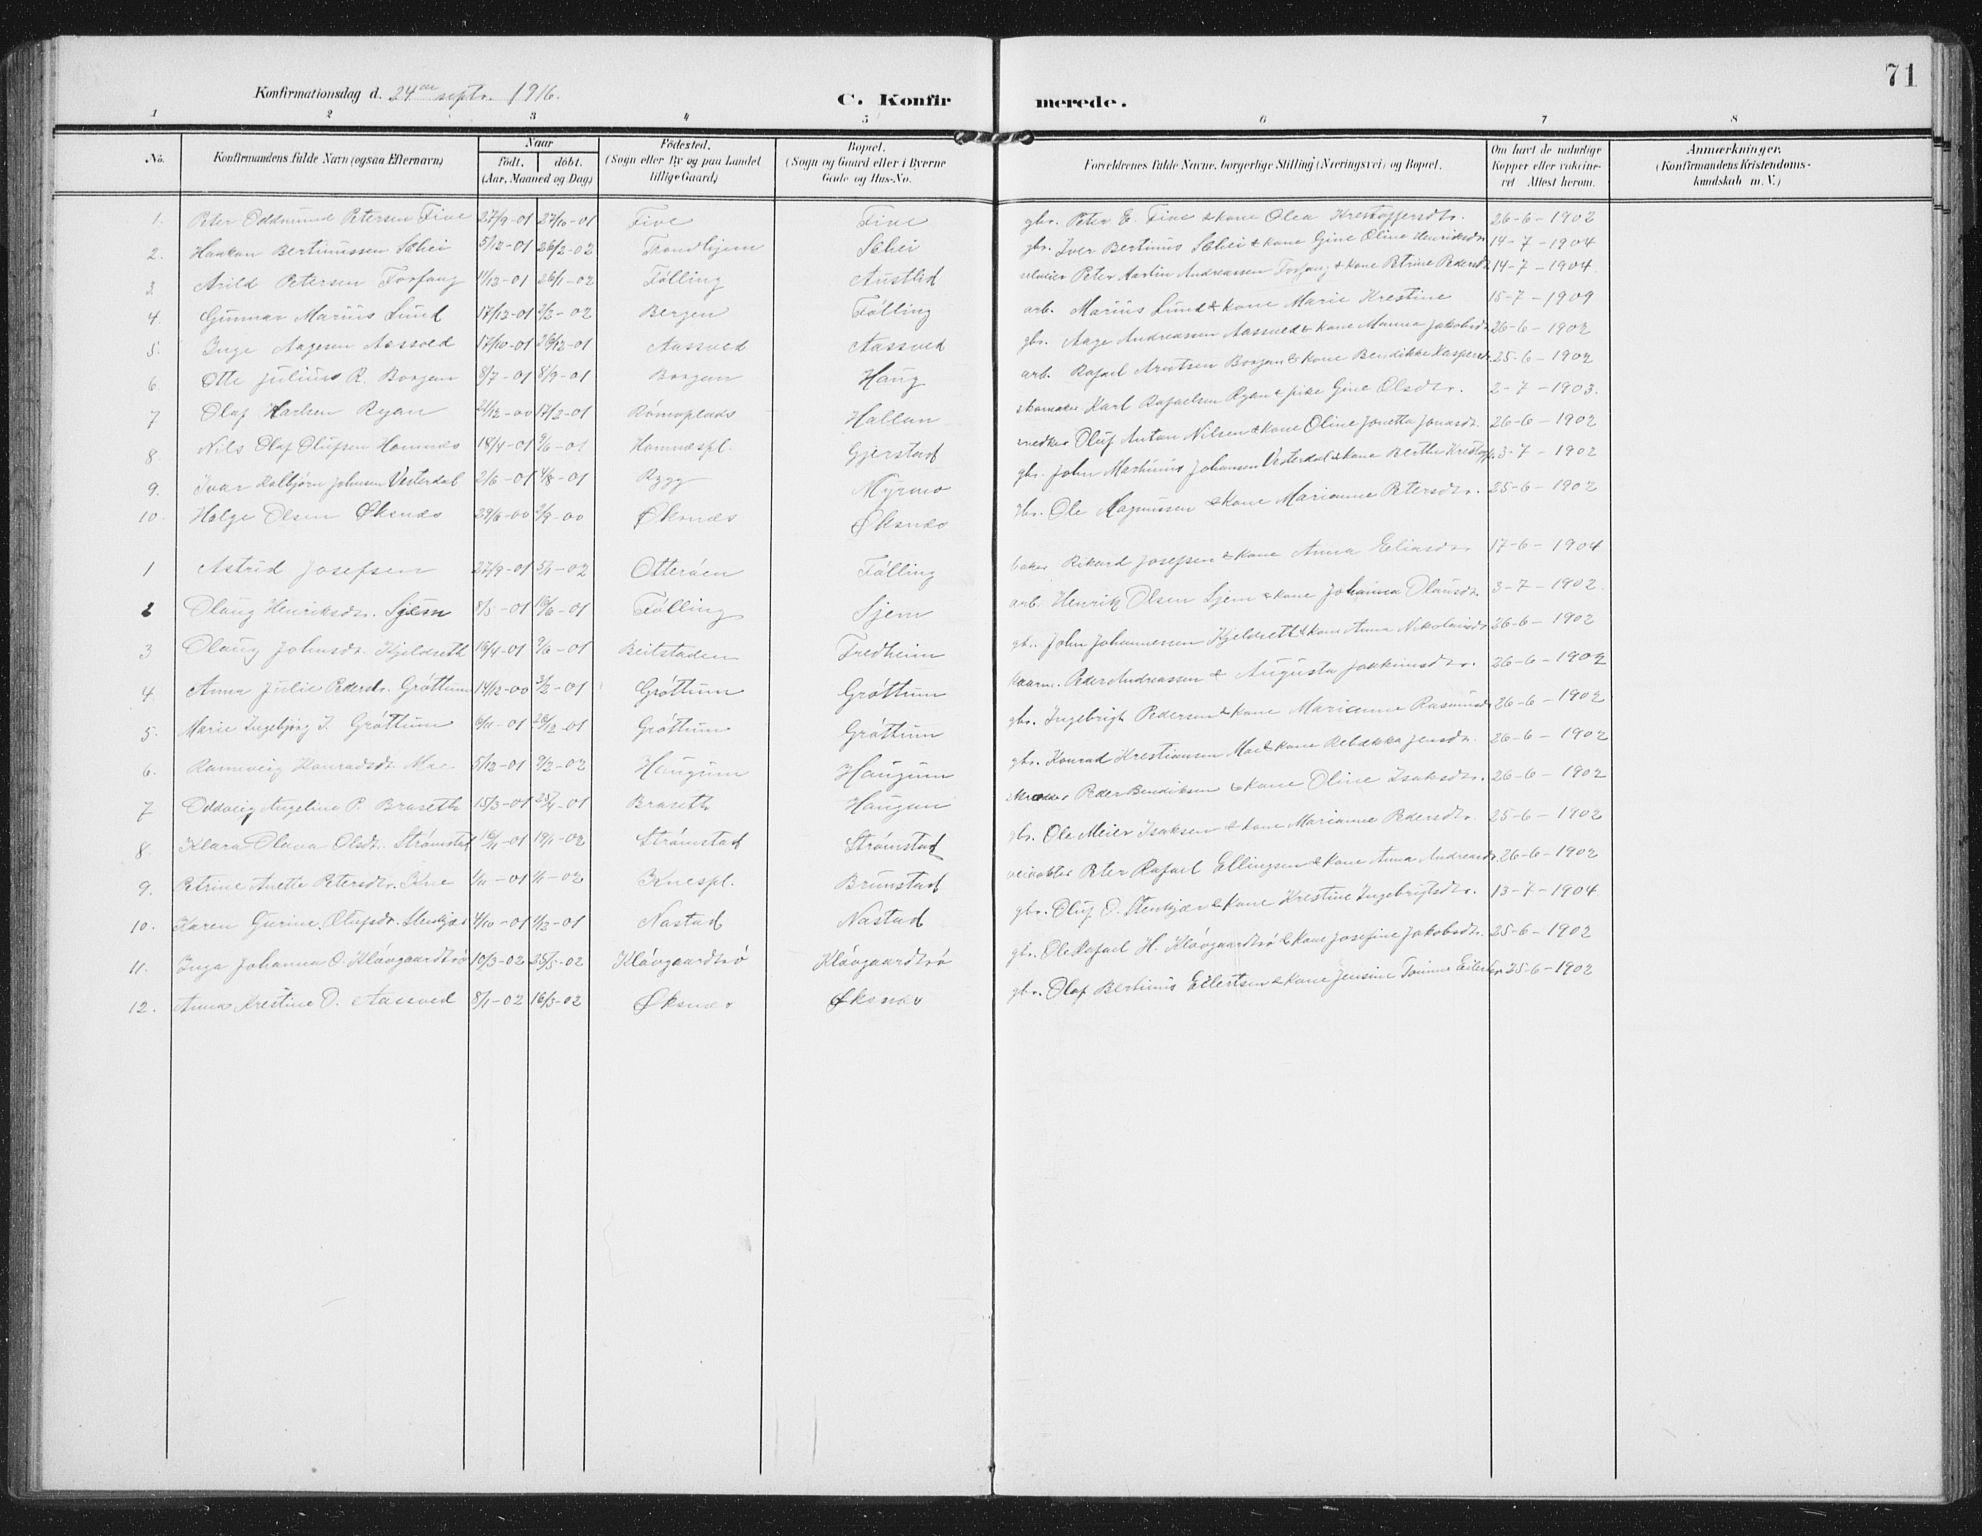 SAT, Ministerialprotokoller, klokkerbøker og fødselsregistre - Nord-Trøndelag, 747/L0460: Klokkerbok nr. 747C02, 1908-1939, s. 71